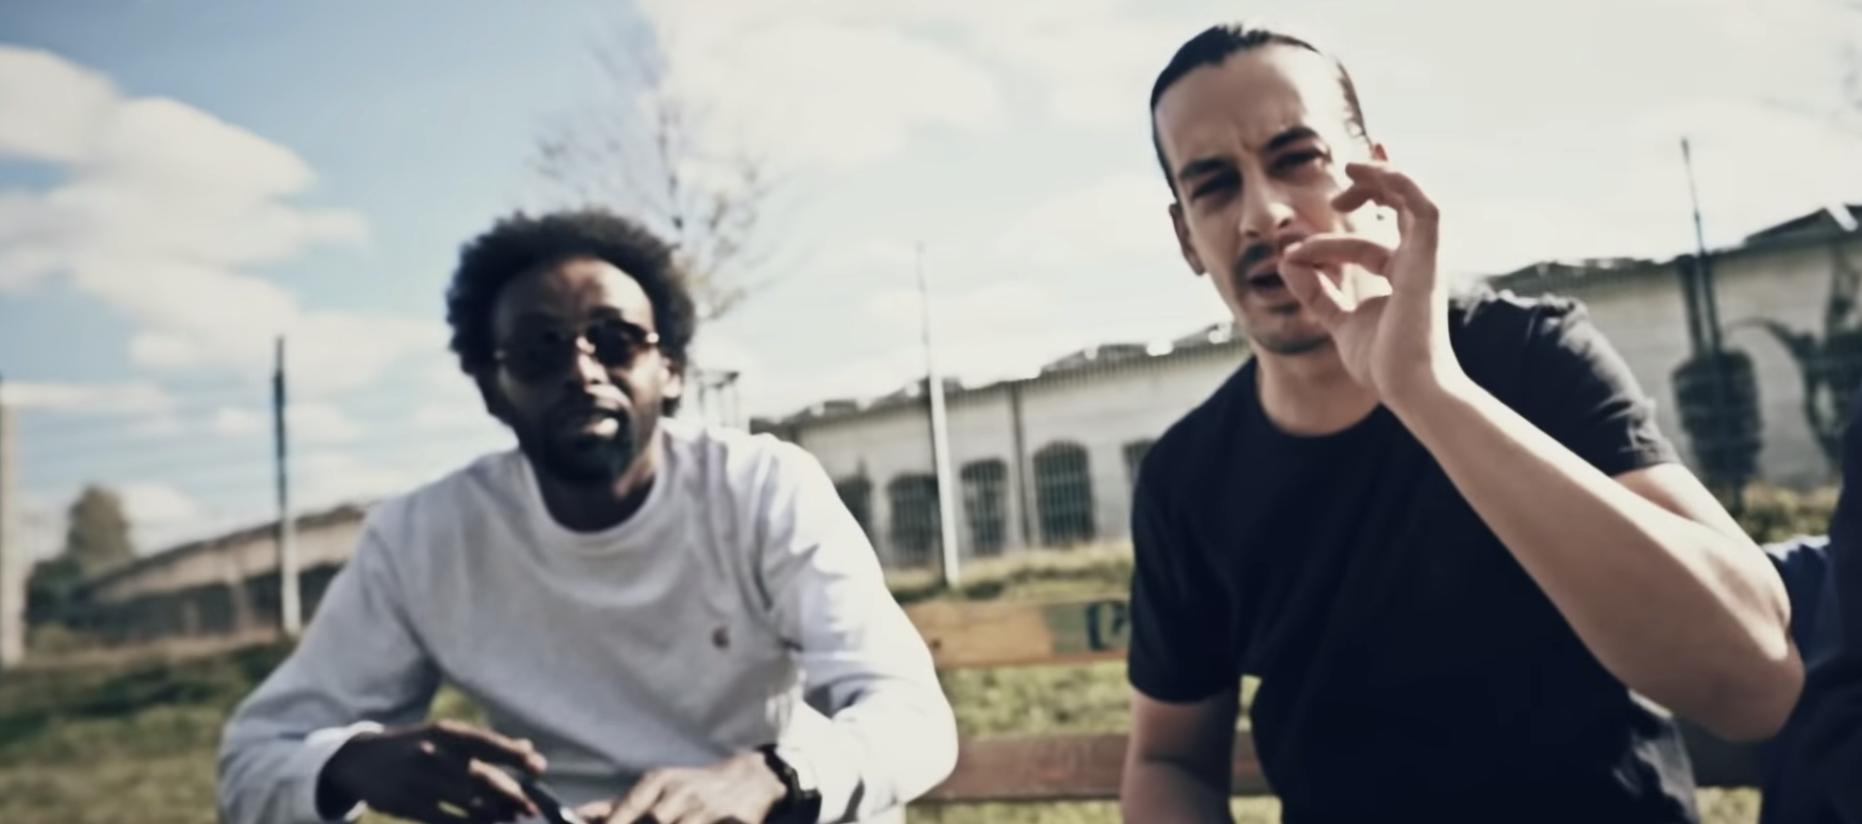 Afrob feat. Haze - Stein auf Stein (Video) |16BARS